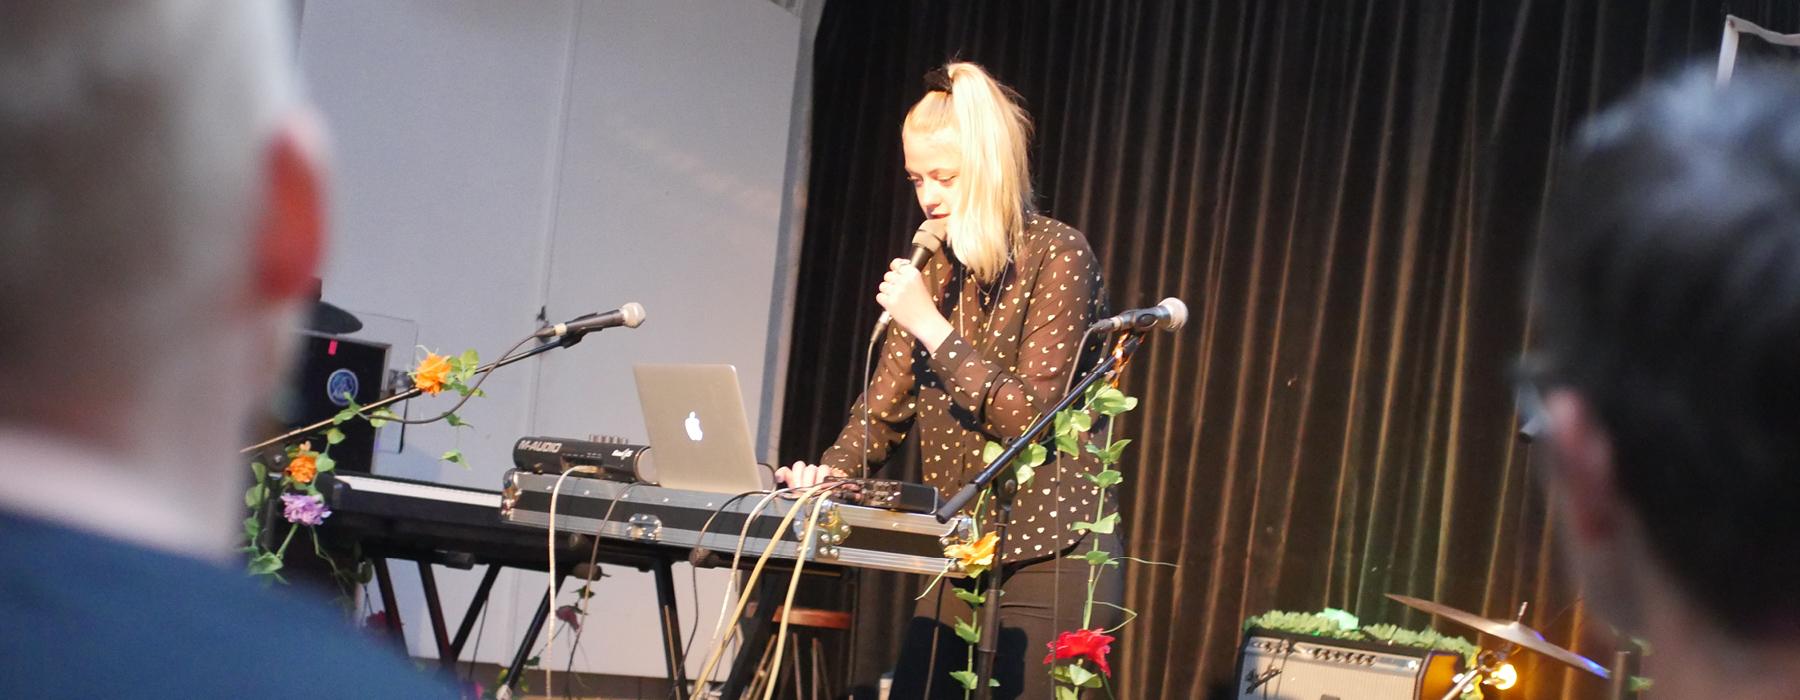 Foto: Sofie Søndervik Sæther